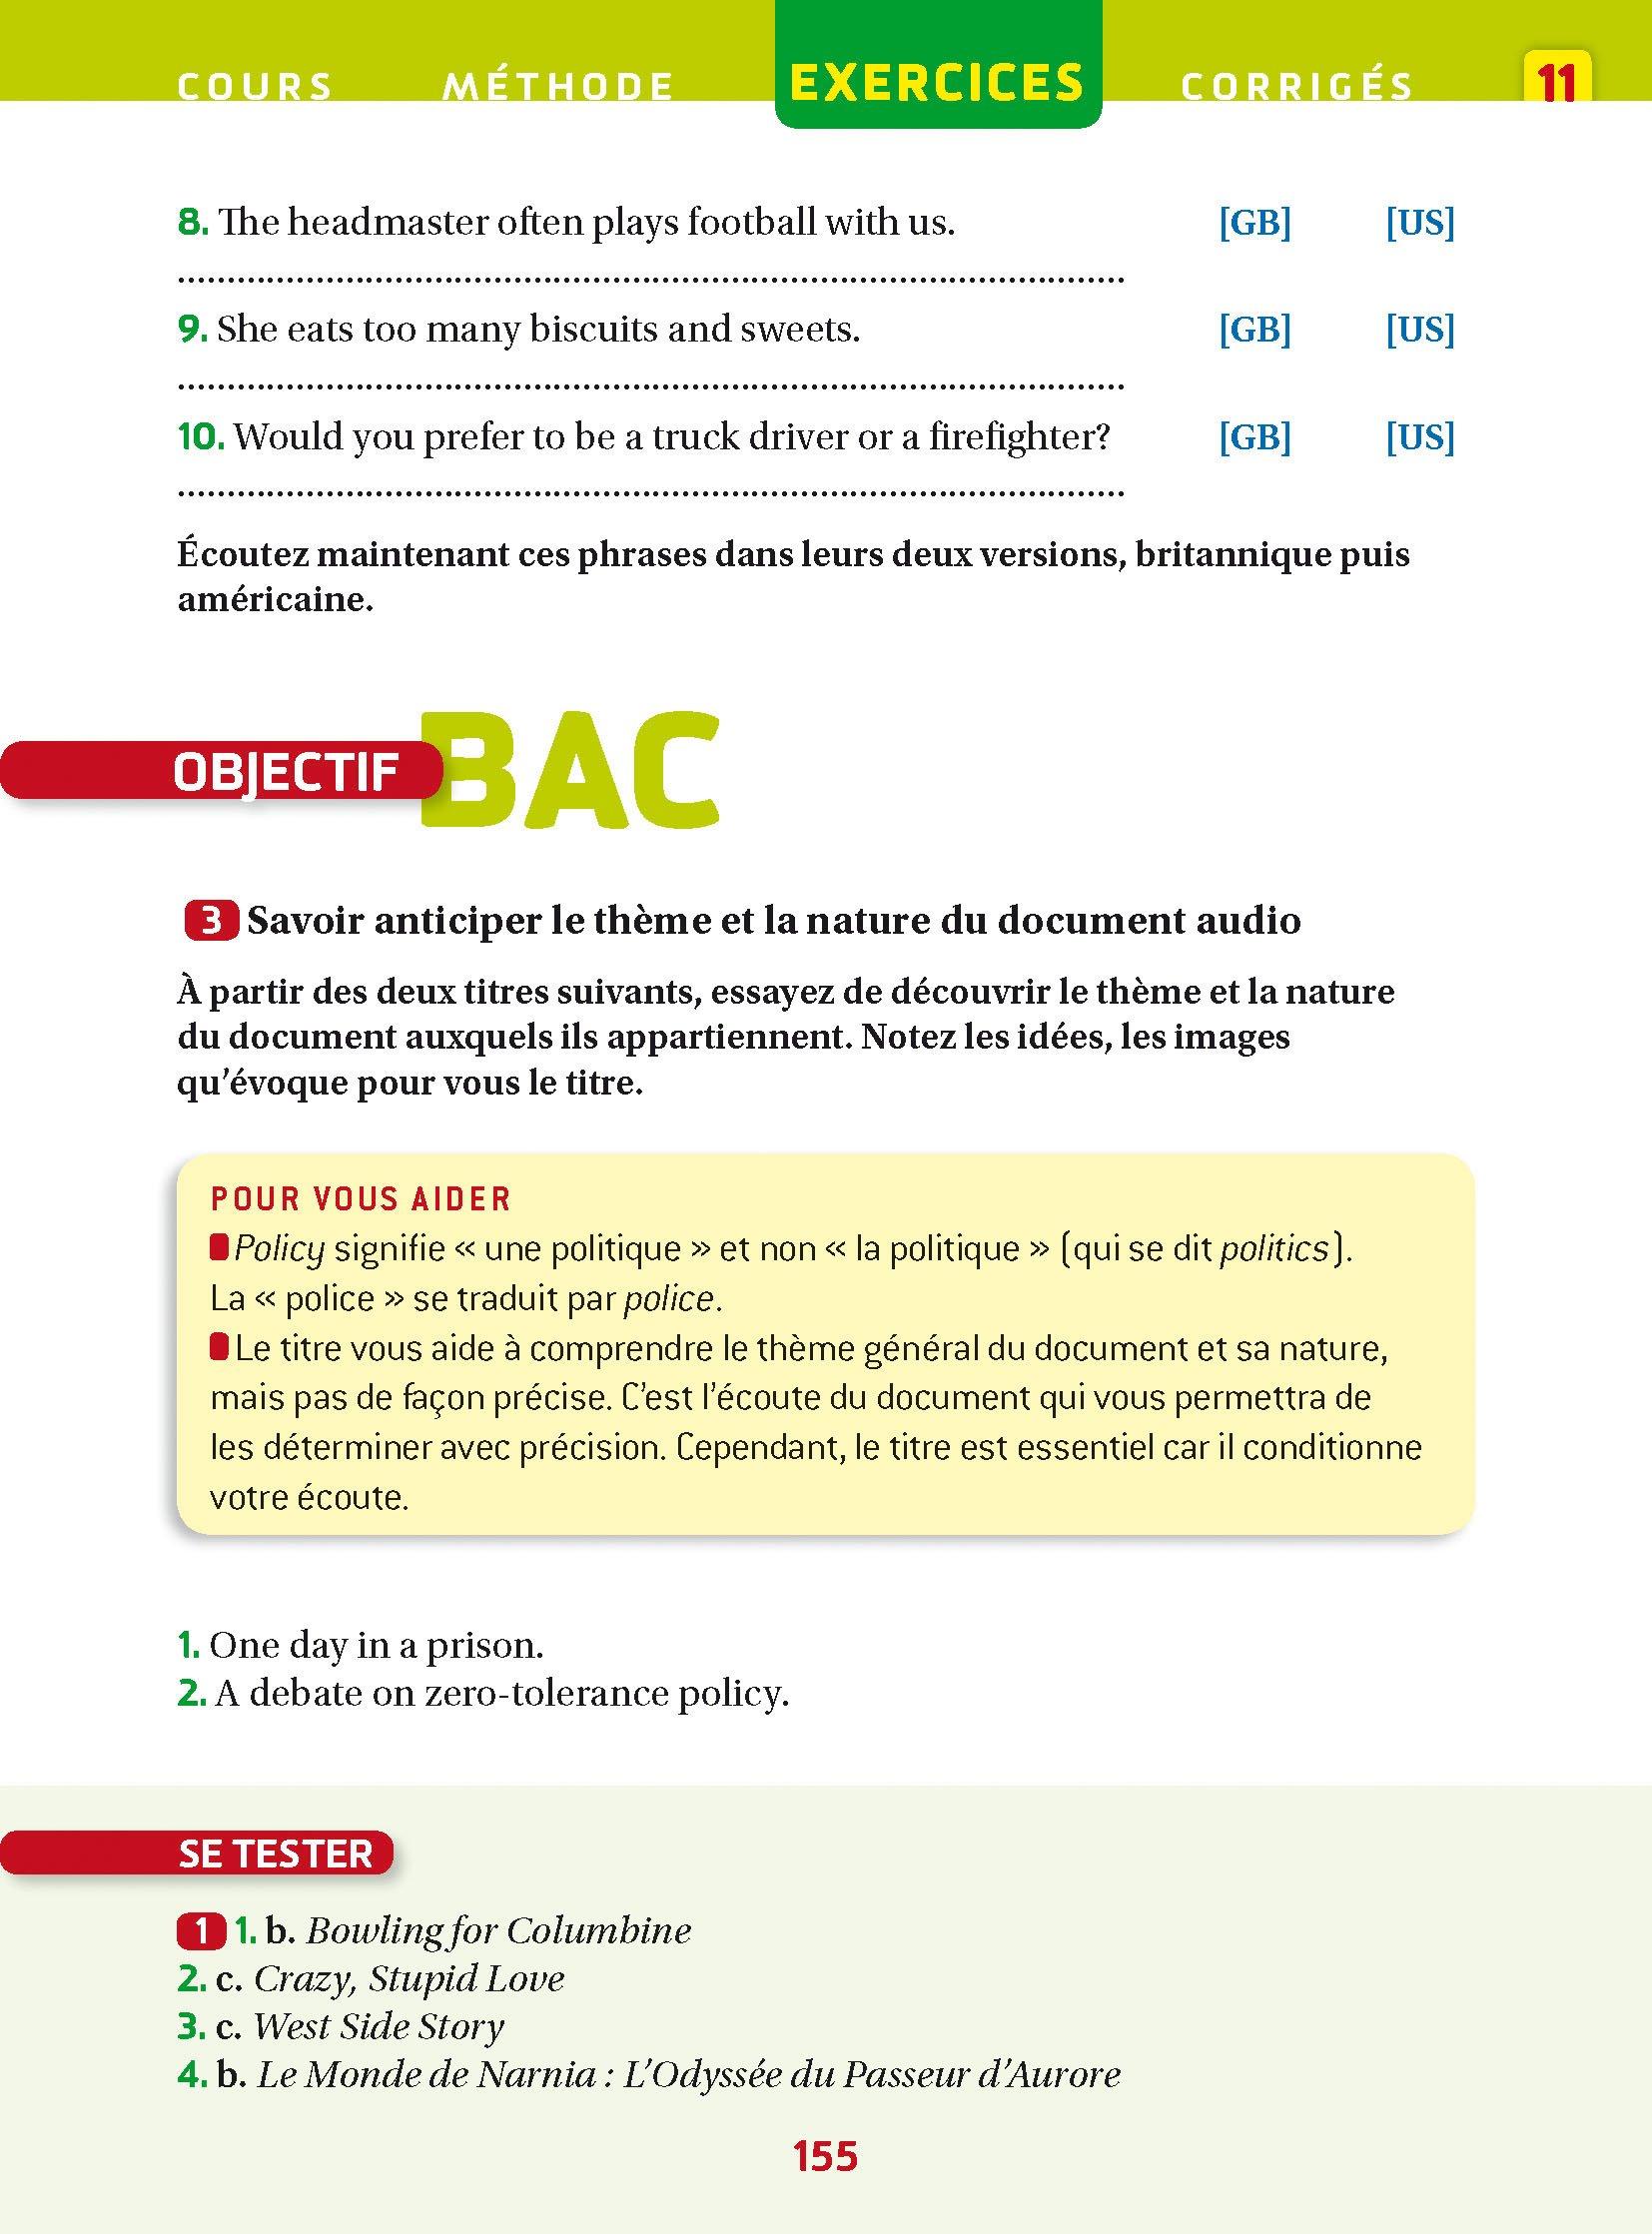 Anglais Tle - Prépabac Cours & entraînement: Cours, méthodes et exercices - Terminale: Amazon.es: Martine Guigue, Sylvie Collard-Rebeyrolle: Libros en ...